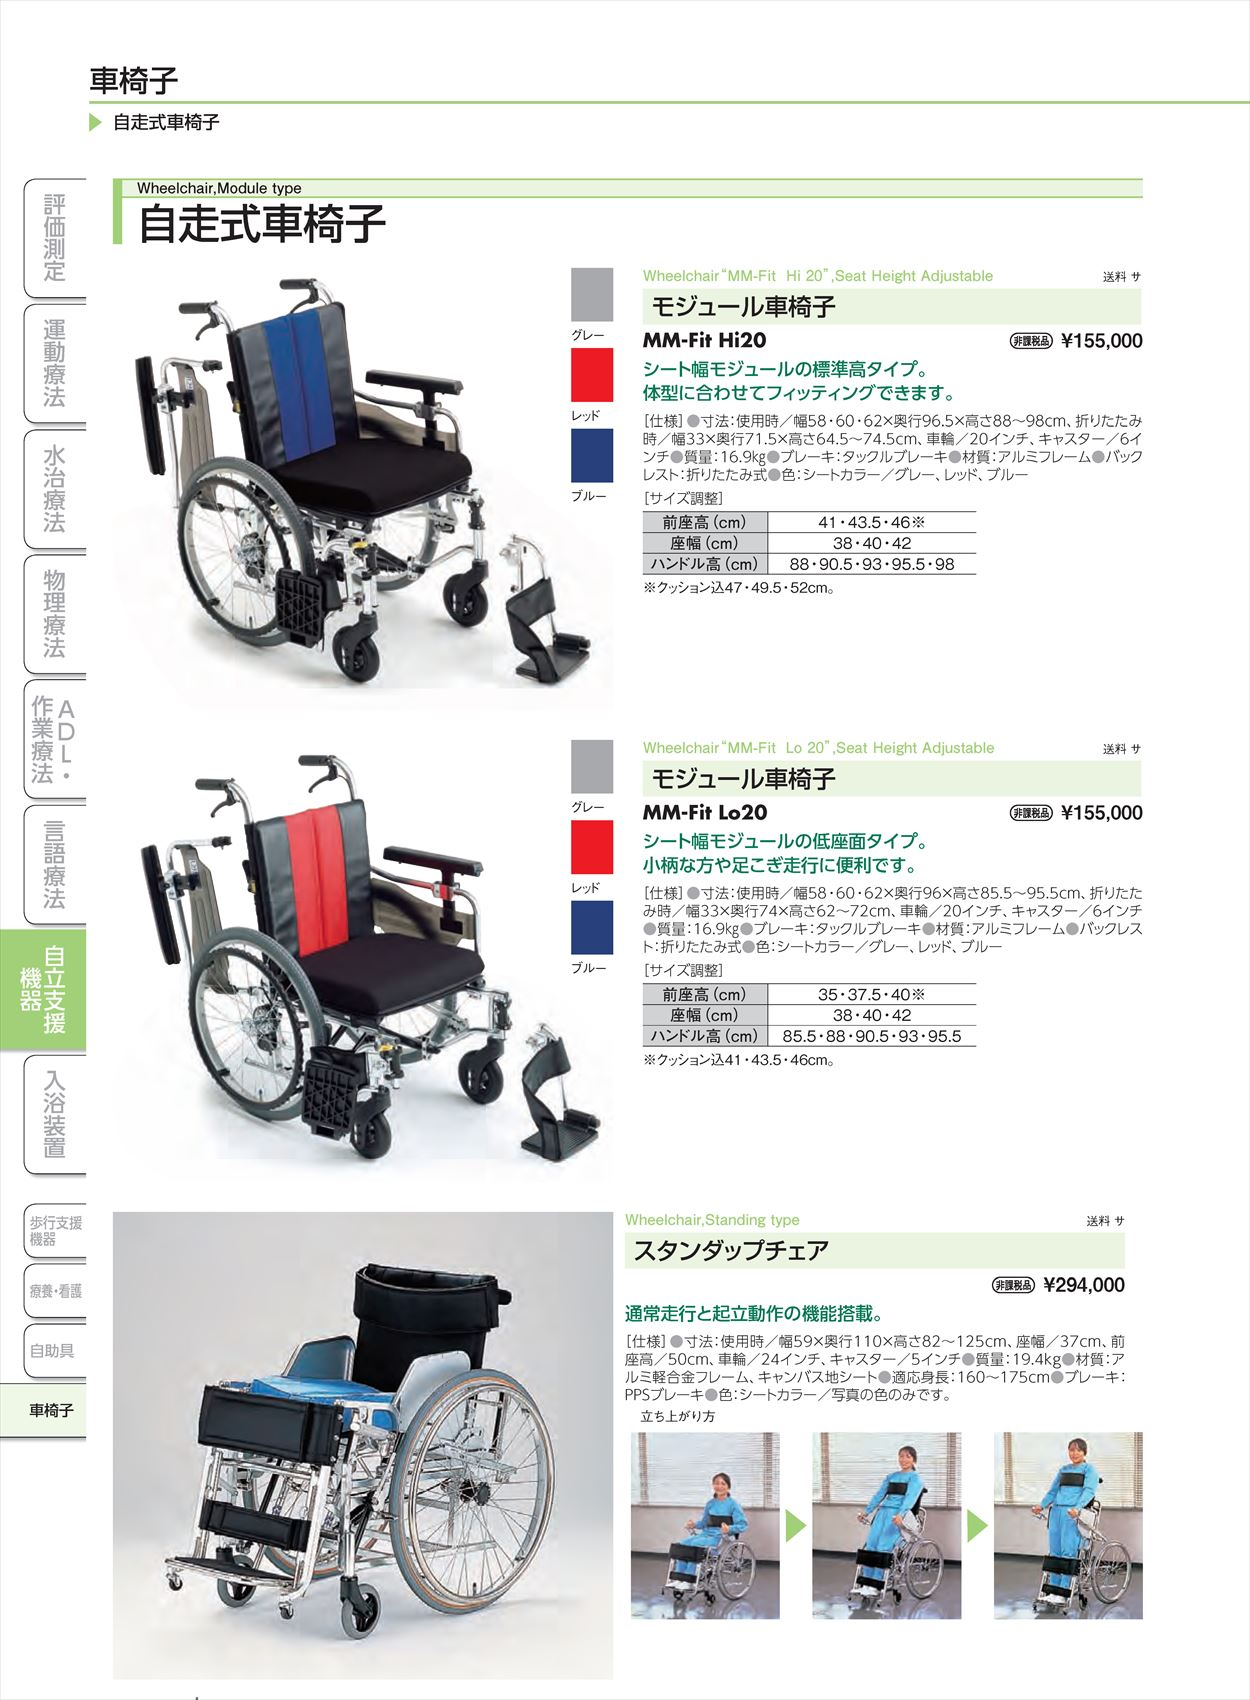 モジュール車椅子MM‐Fit Hi 20[台](sa14Q31284)【酒井医療】